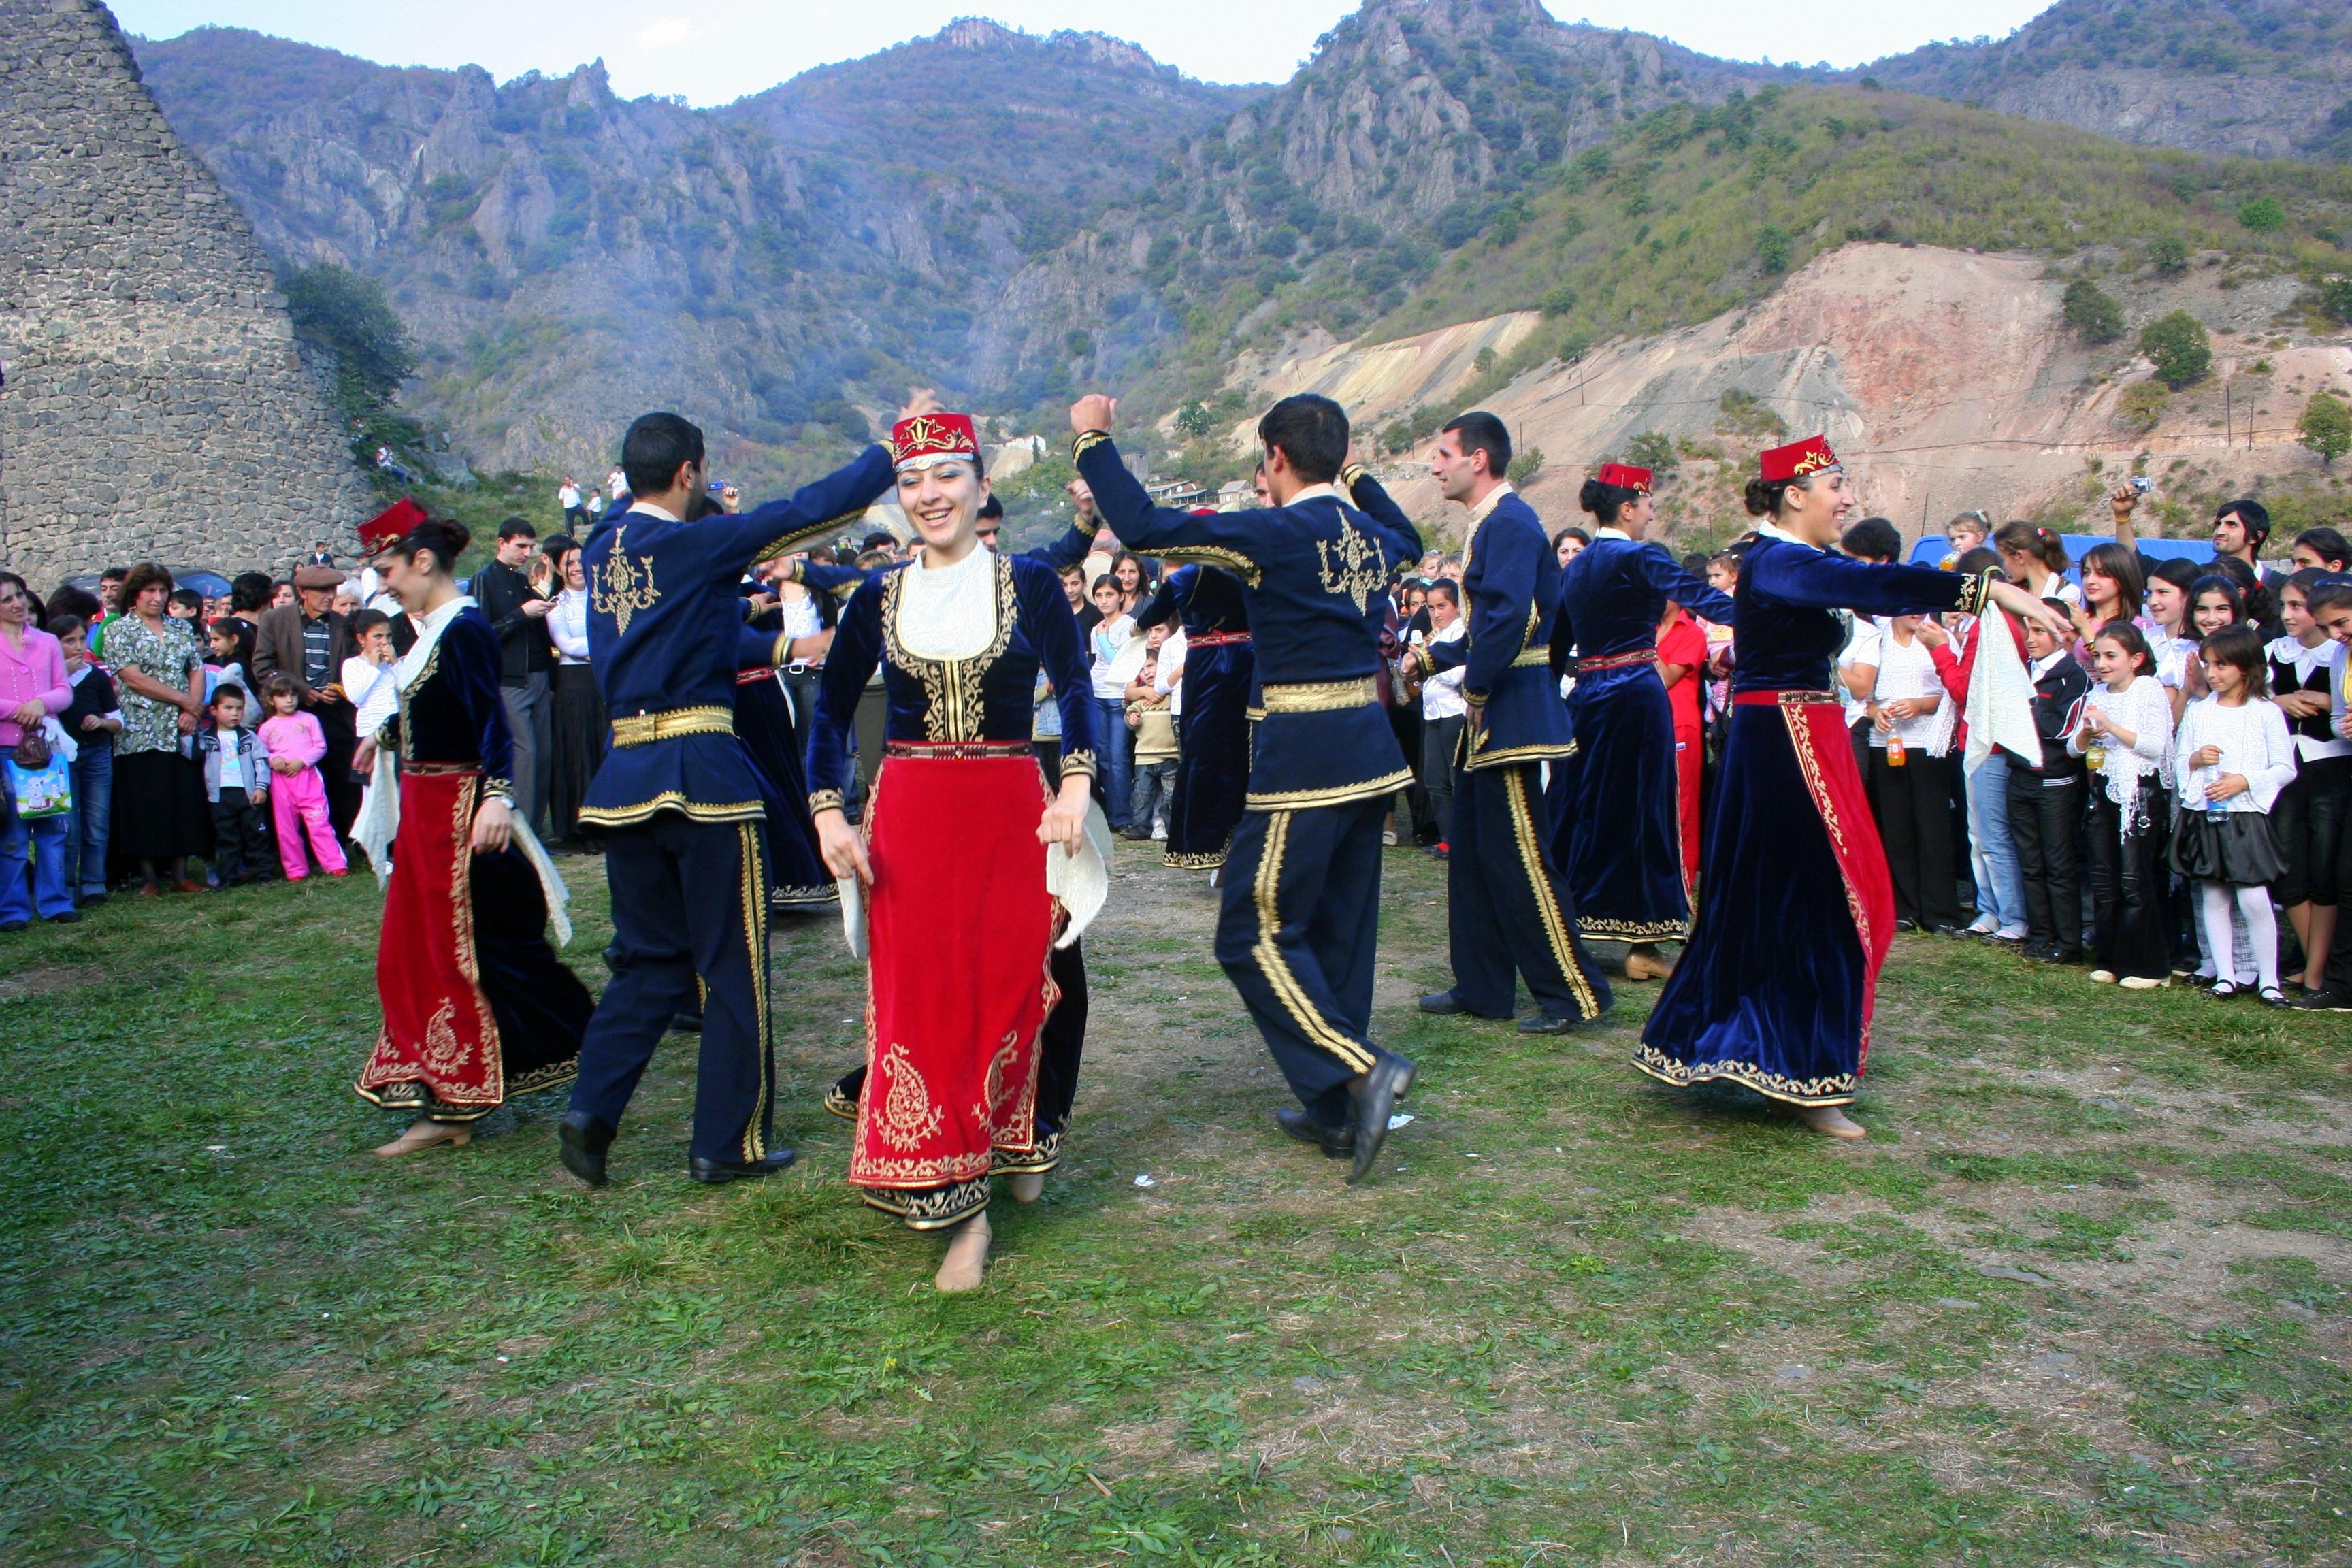 BuchVerlag für die Frau - Eine kulinarische Reise durch Armenien